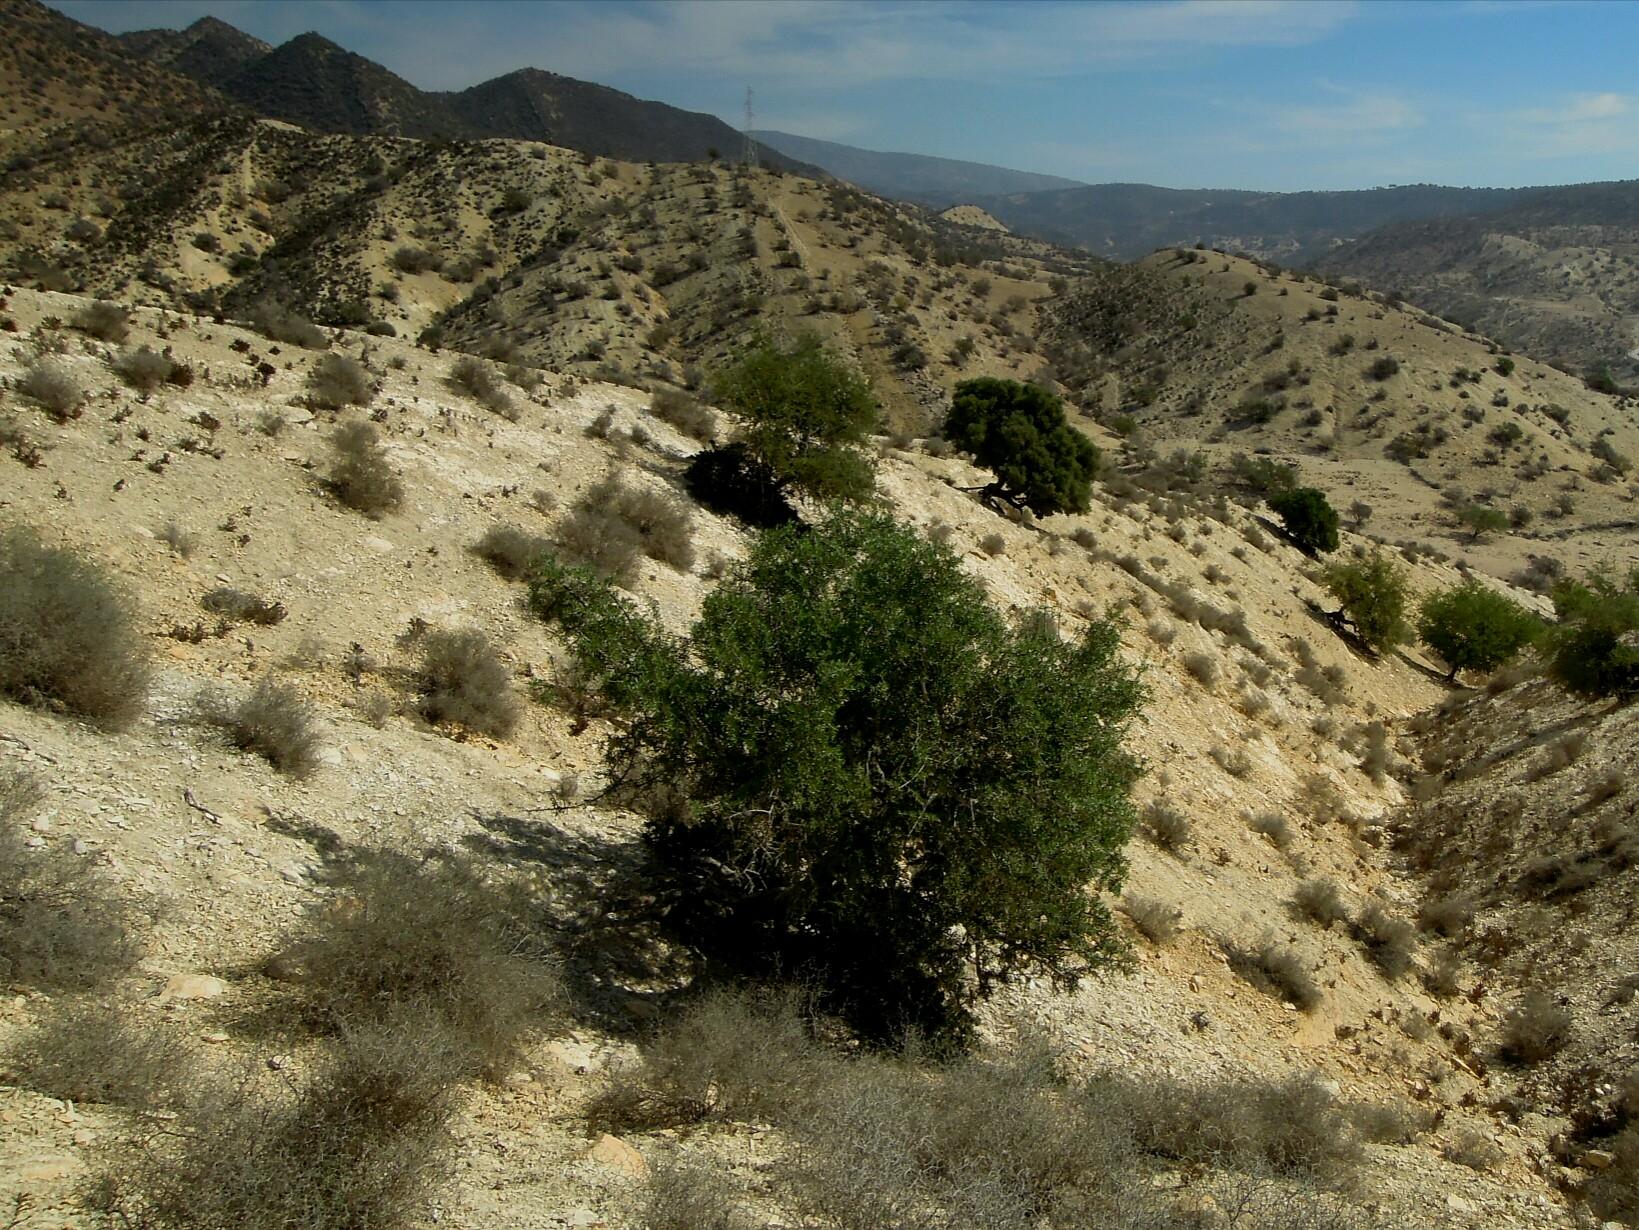 Mehrere Bäume sind irgendwie noch kein Wald.